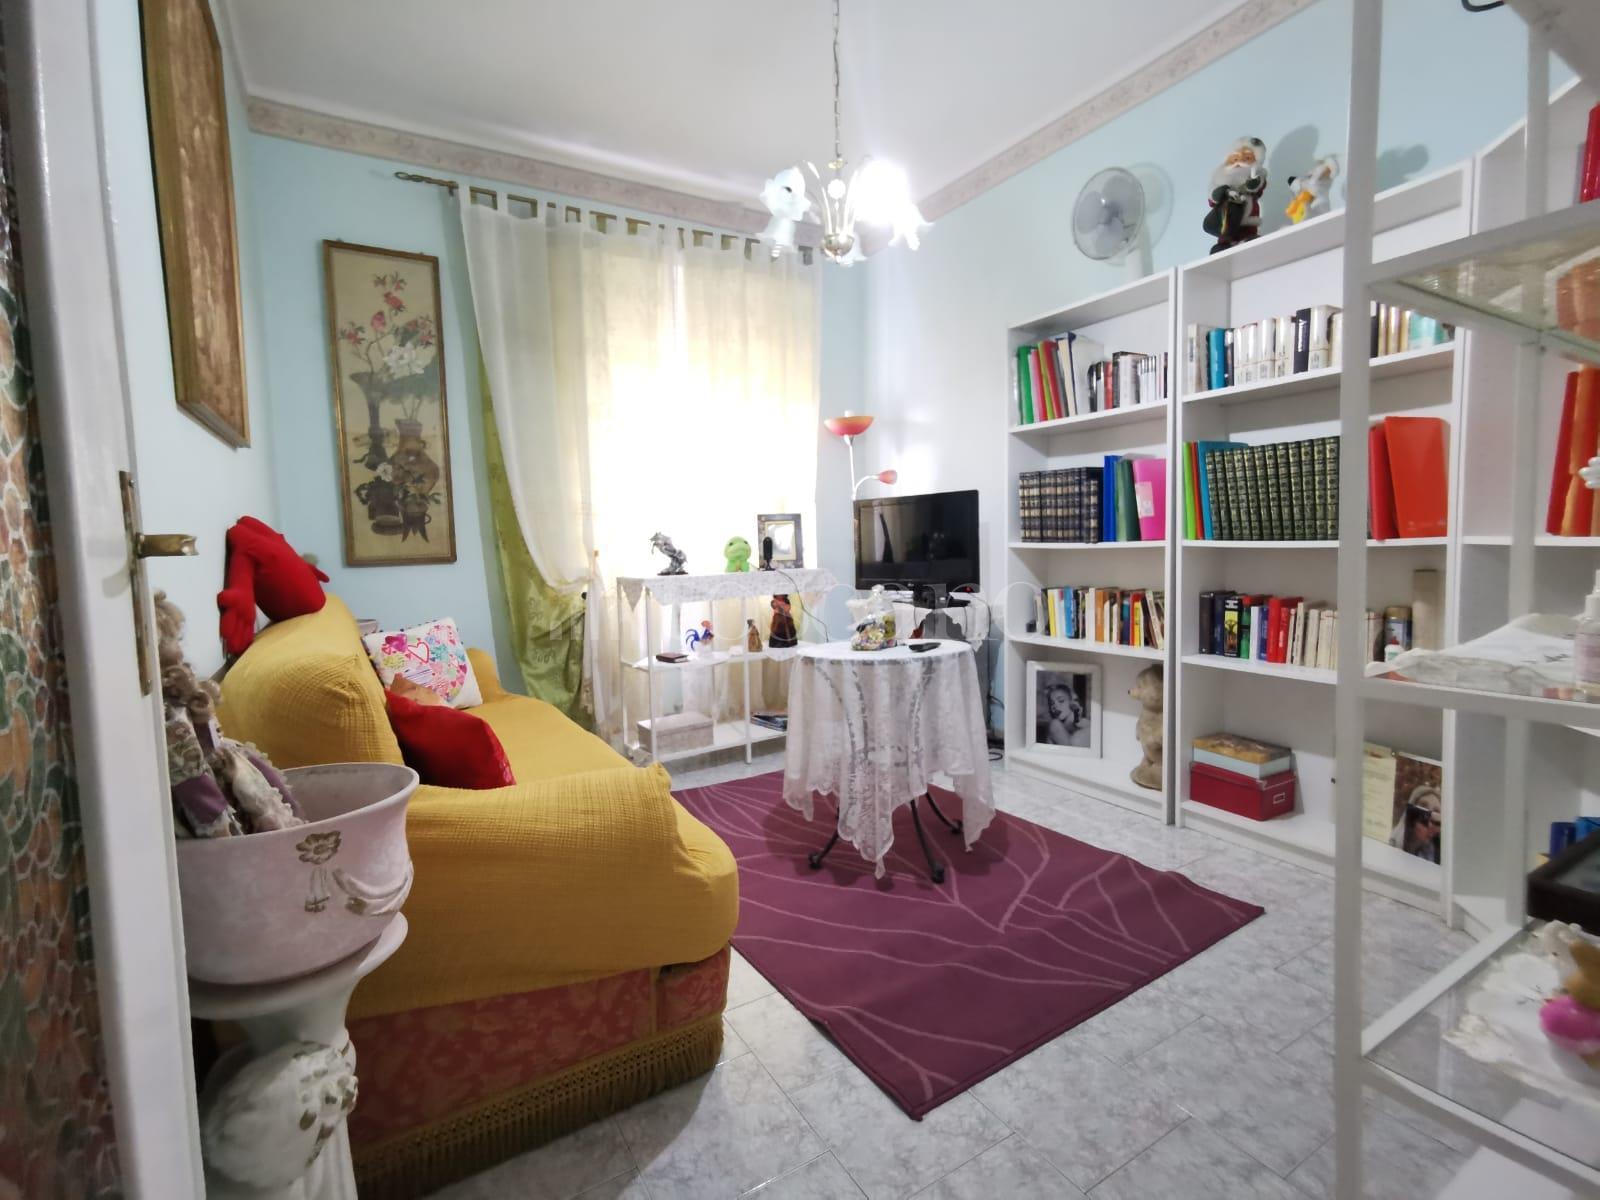 Casa in vendita di 120 mq a €243.000 (rif. 25/2020)